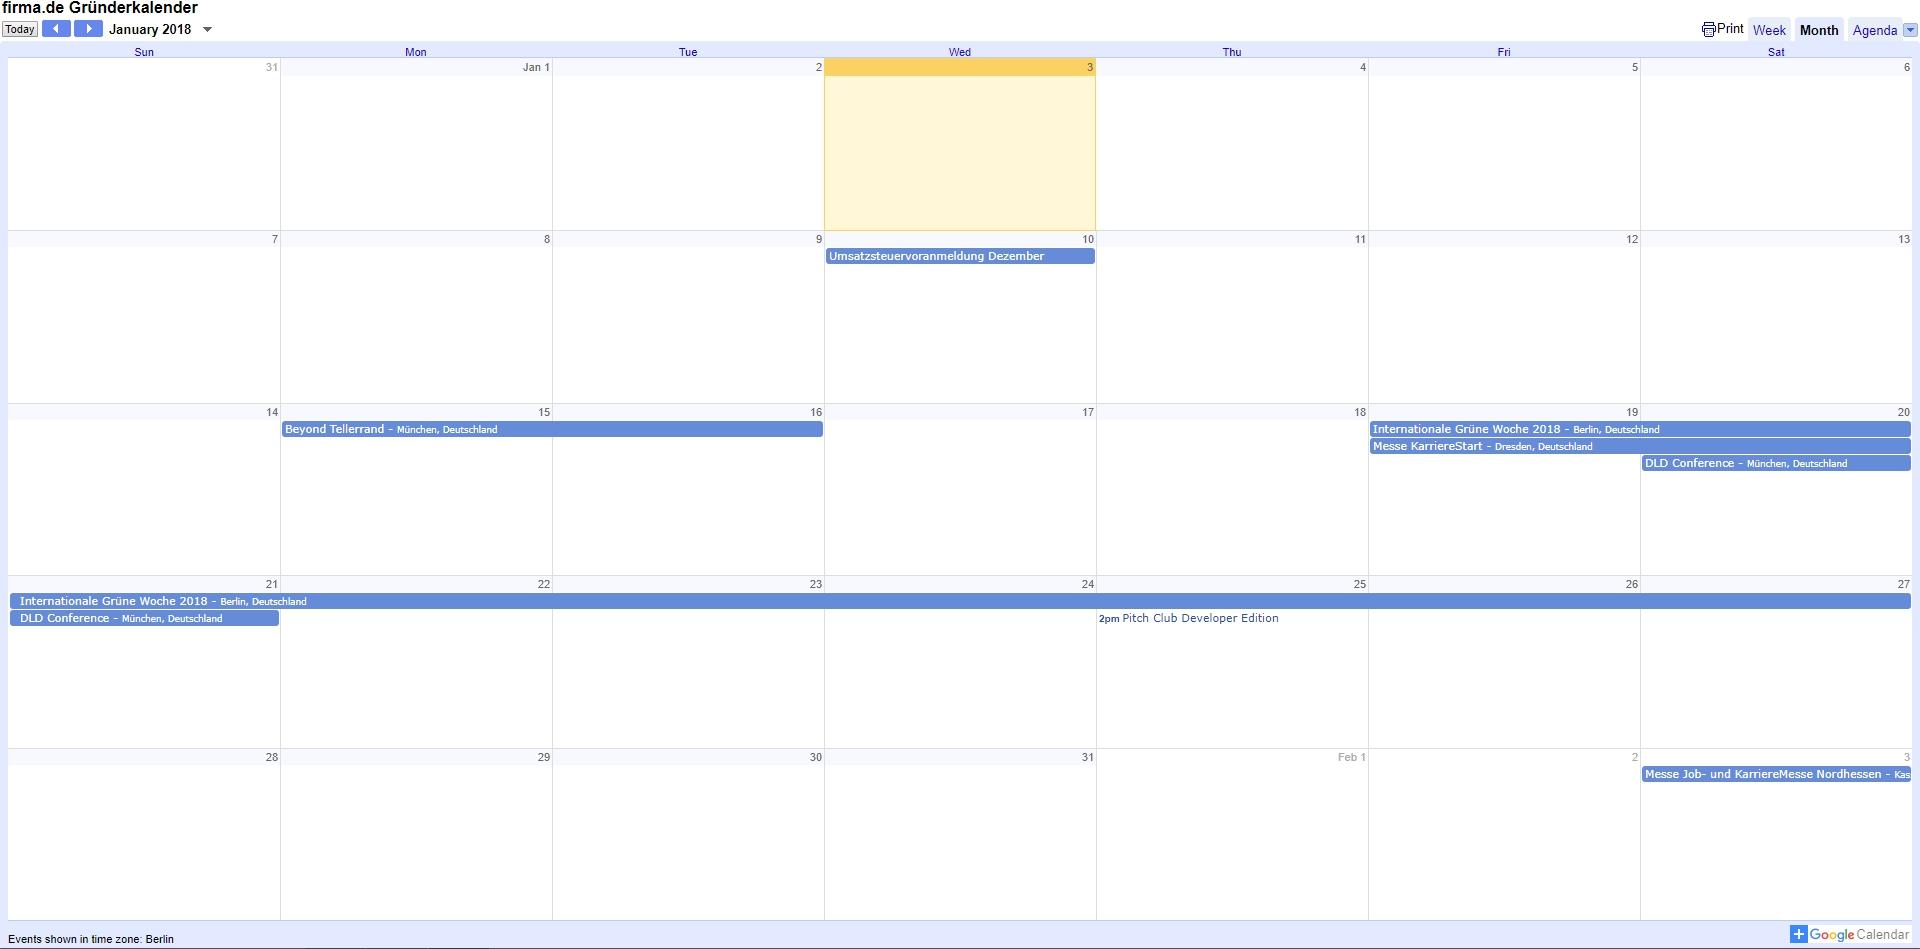 Der firma.de Gründerkalender